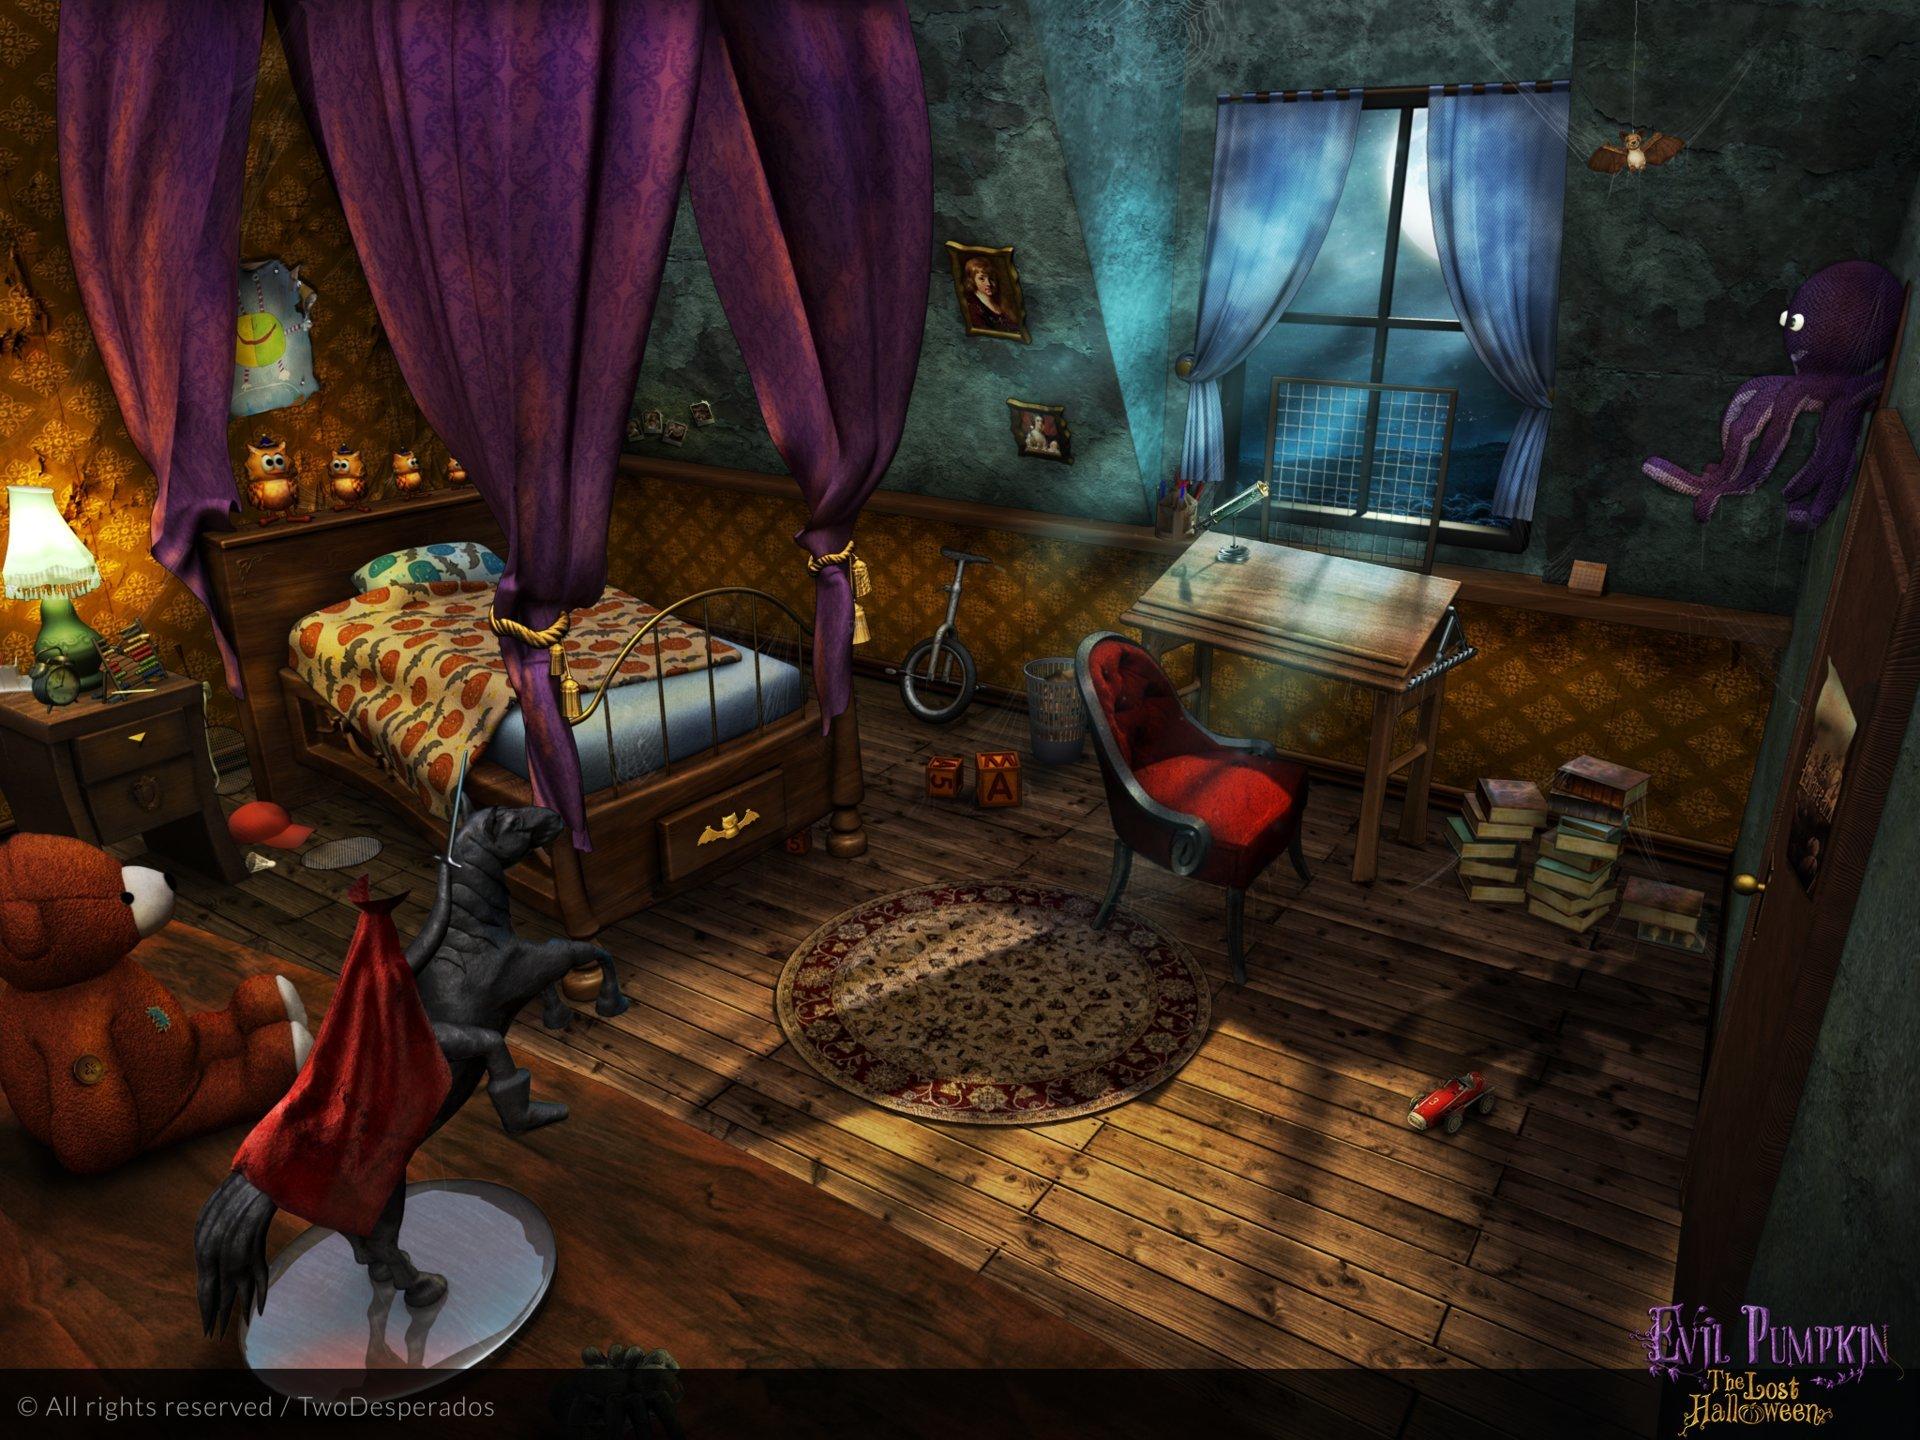 Milica todorovic branislav boskovic house kidsroom background